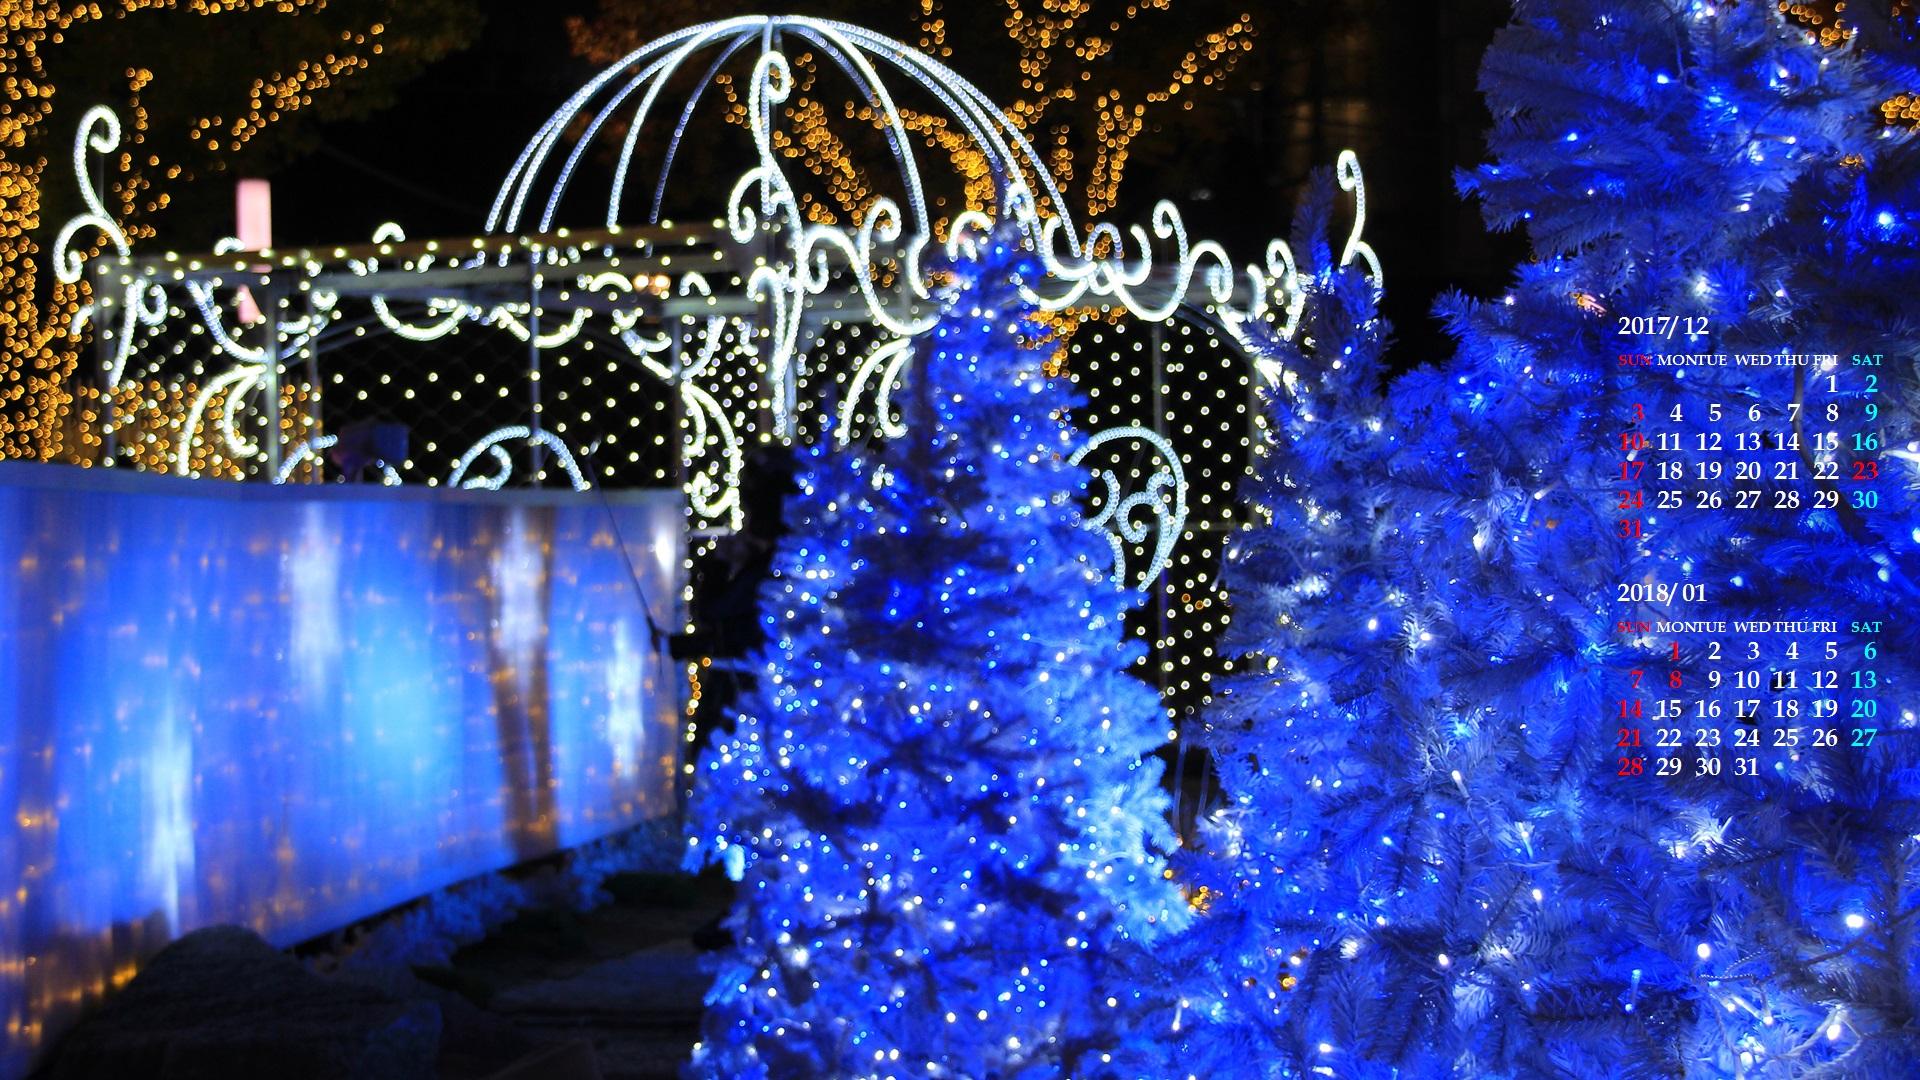 クリスマスの壁紙 カレンダー壁紙館 昴 無料ワイド